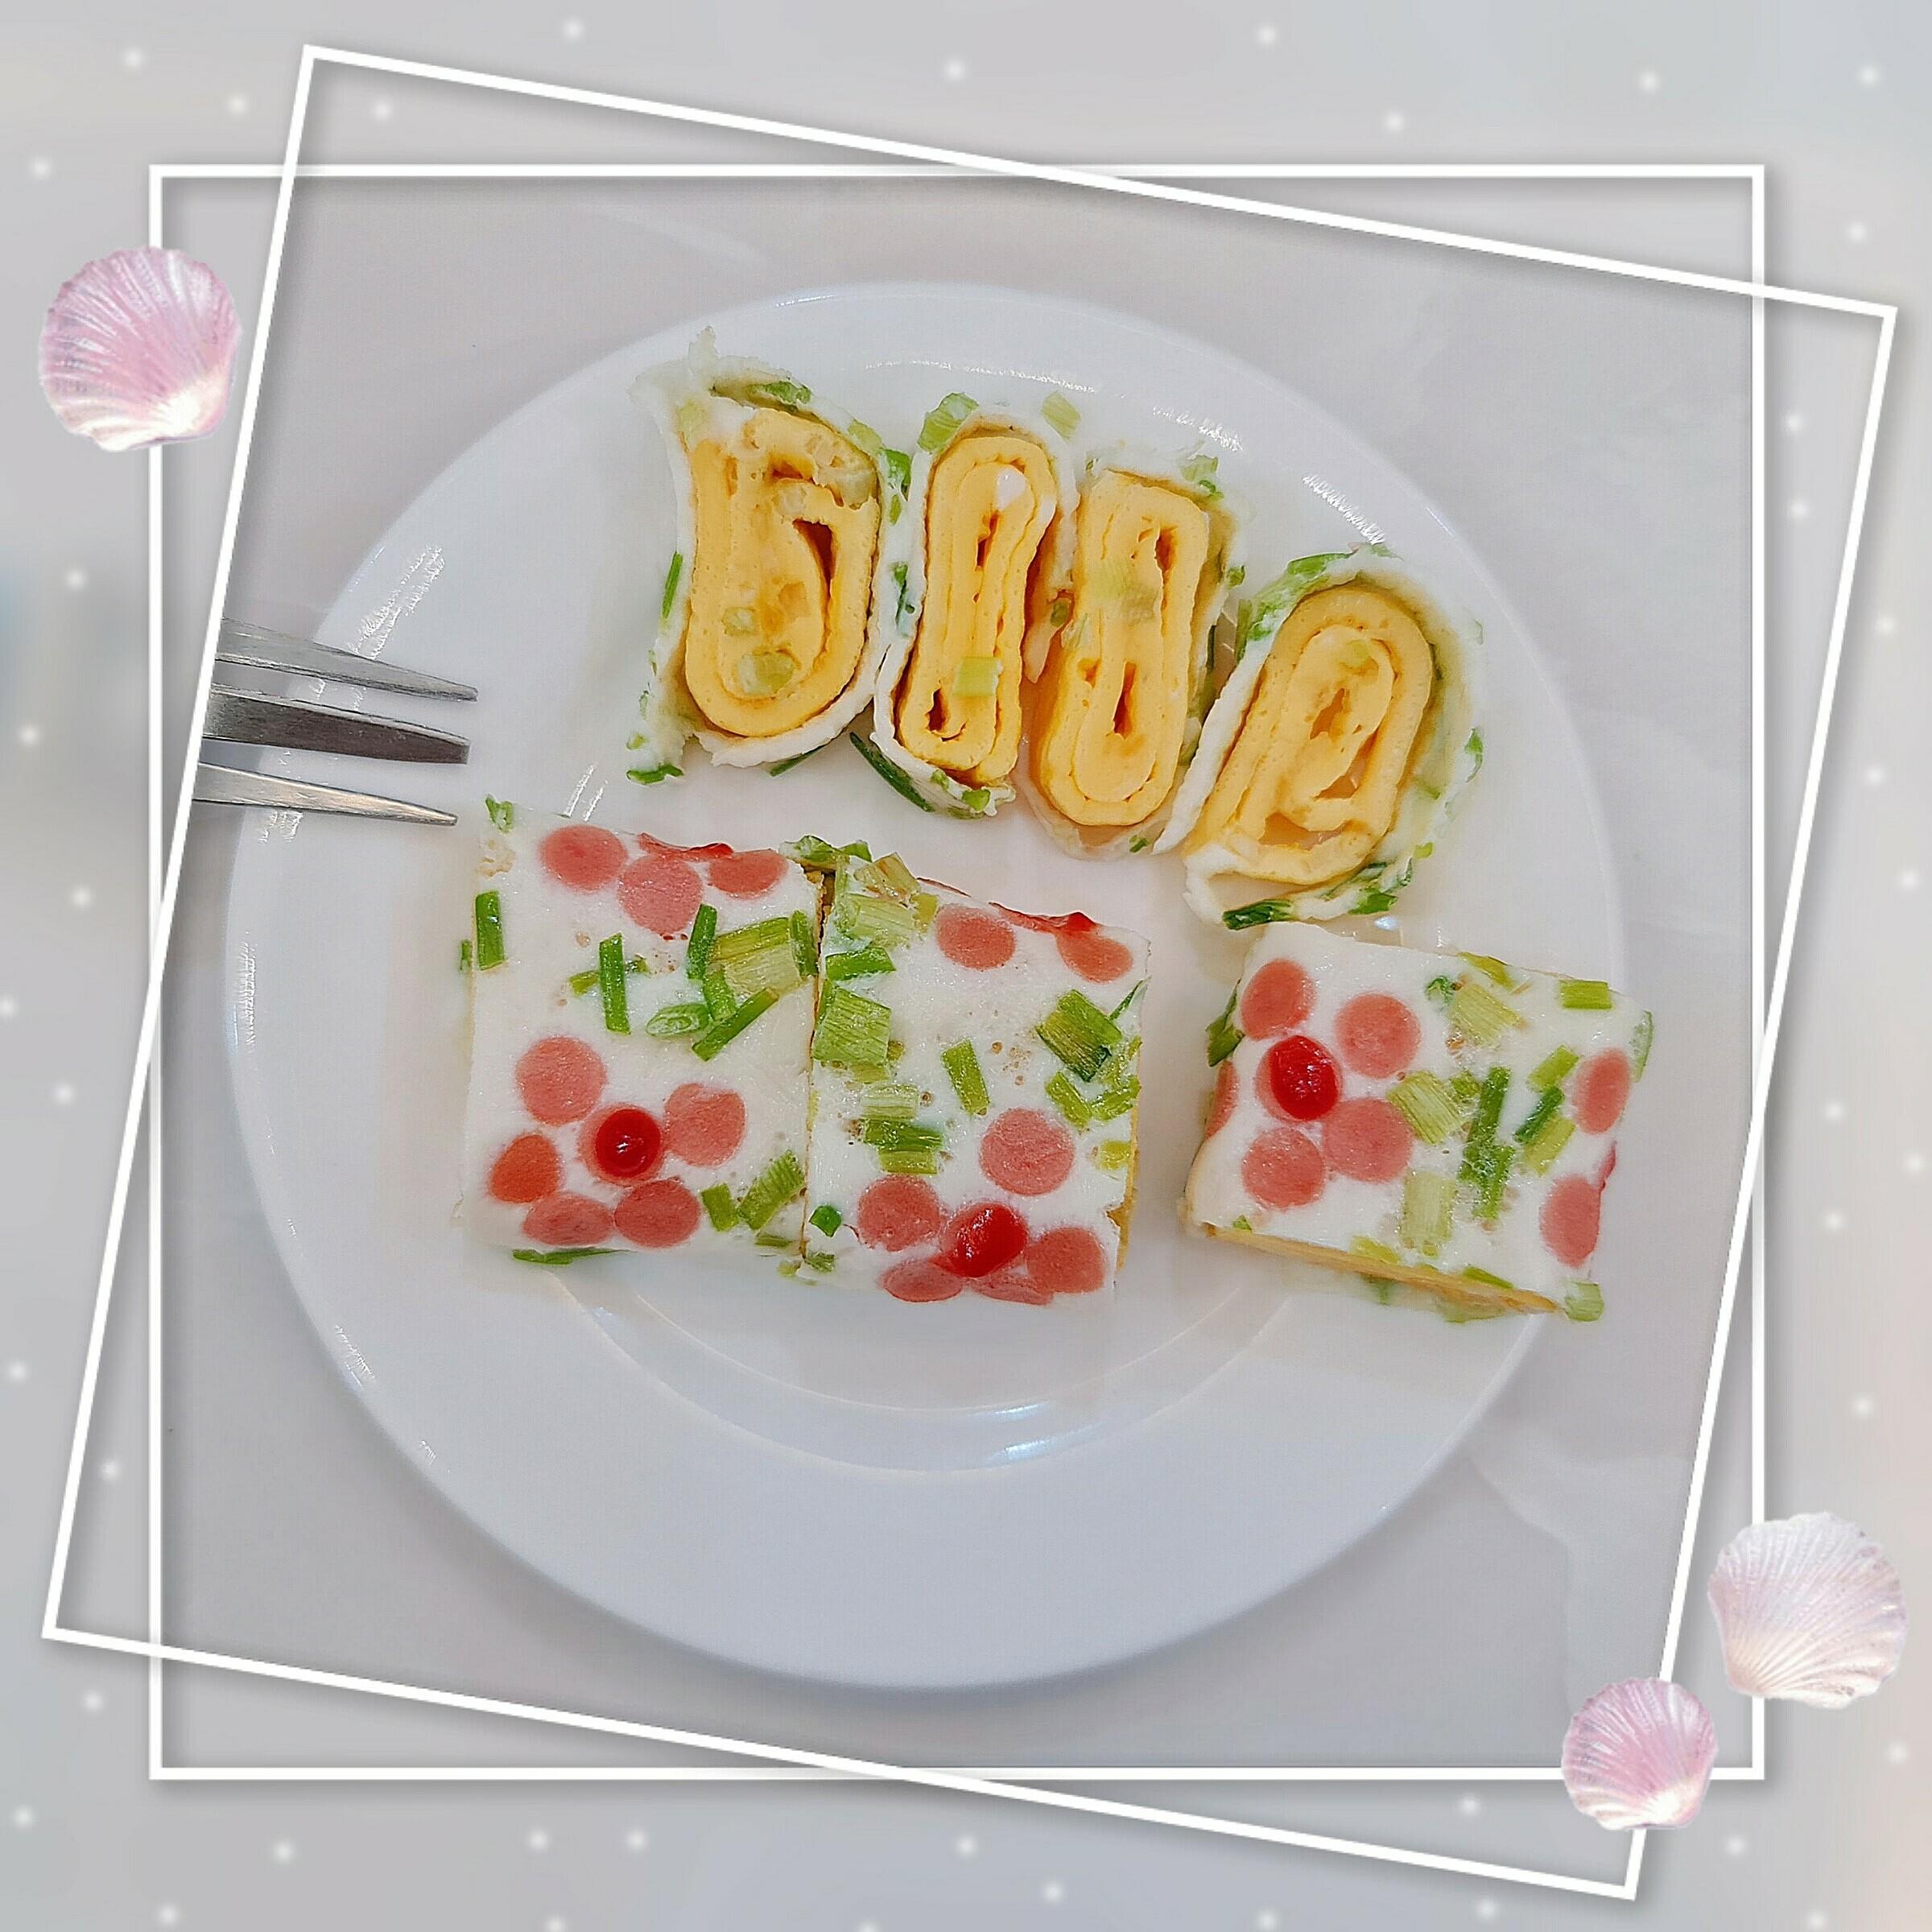 Trứng cuộn hoa trang trí thêm tương cà cho bắt mắt.